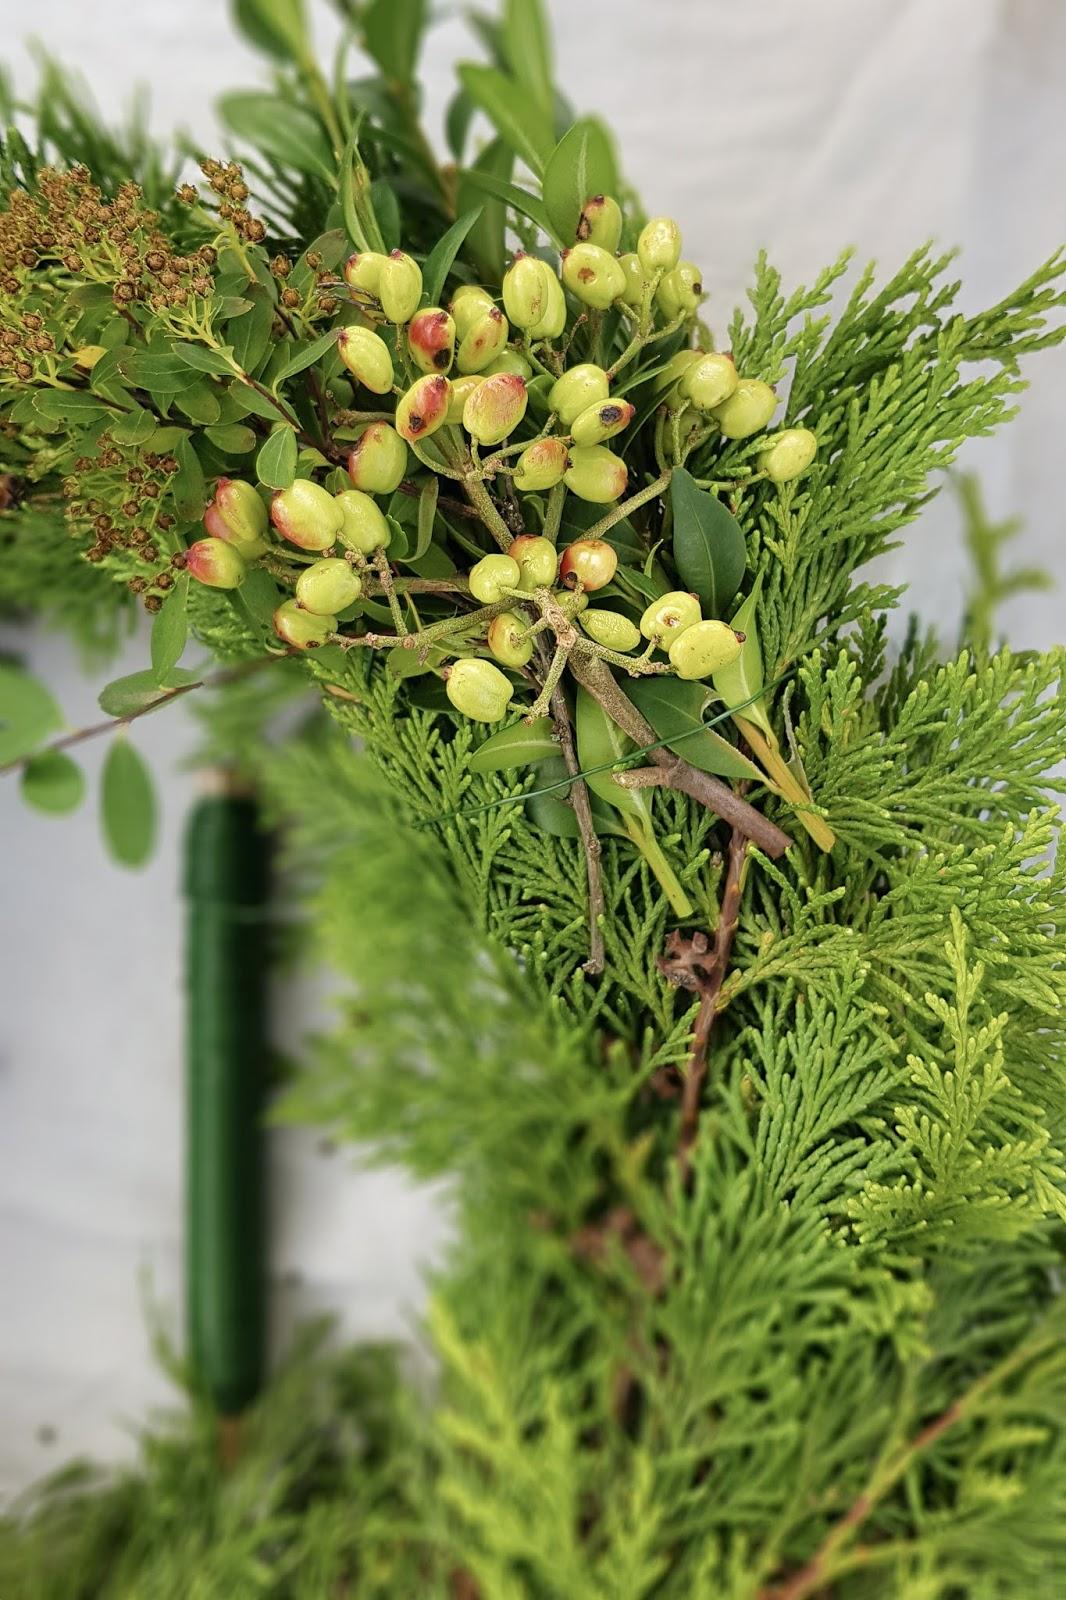 Kranz aus Beeren für den Herbst: Anleitung DIY zum Binden eines Kranzes aus Früchten des Schneeballs, Buchs und Thuja. Einfach selber machen. Kranzbinden Herbstdeko Dekoidee